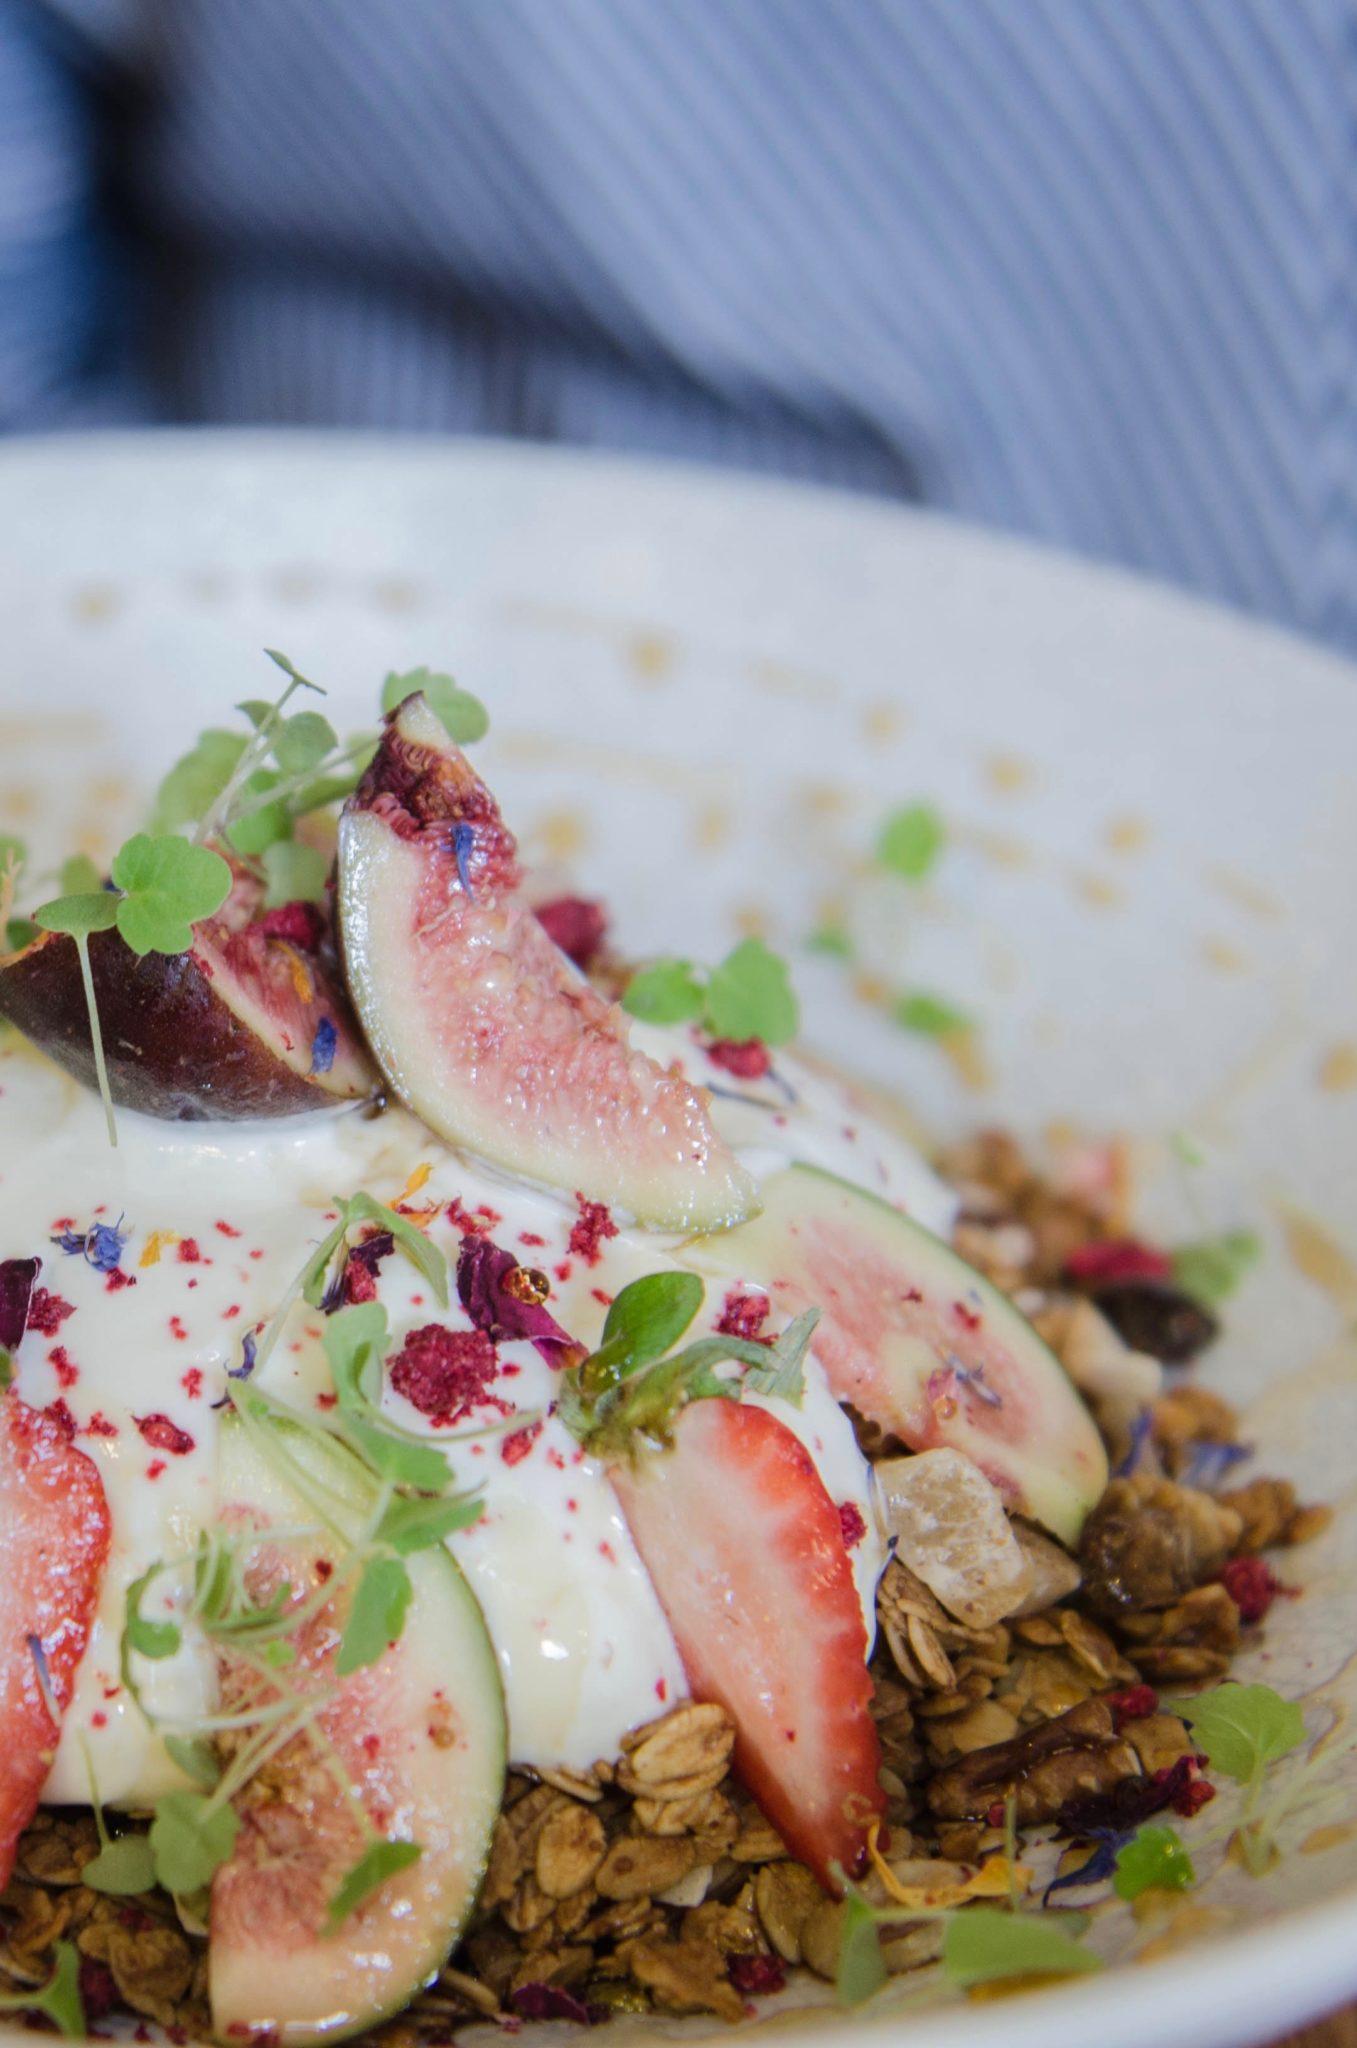 Redfern Sydney: Breakfasts in Sydney are a big thing